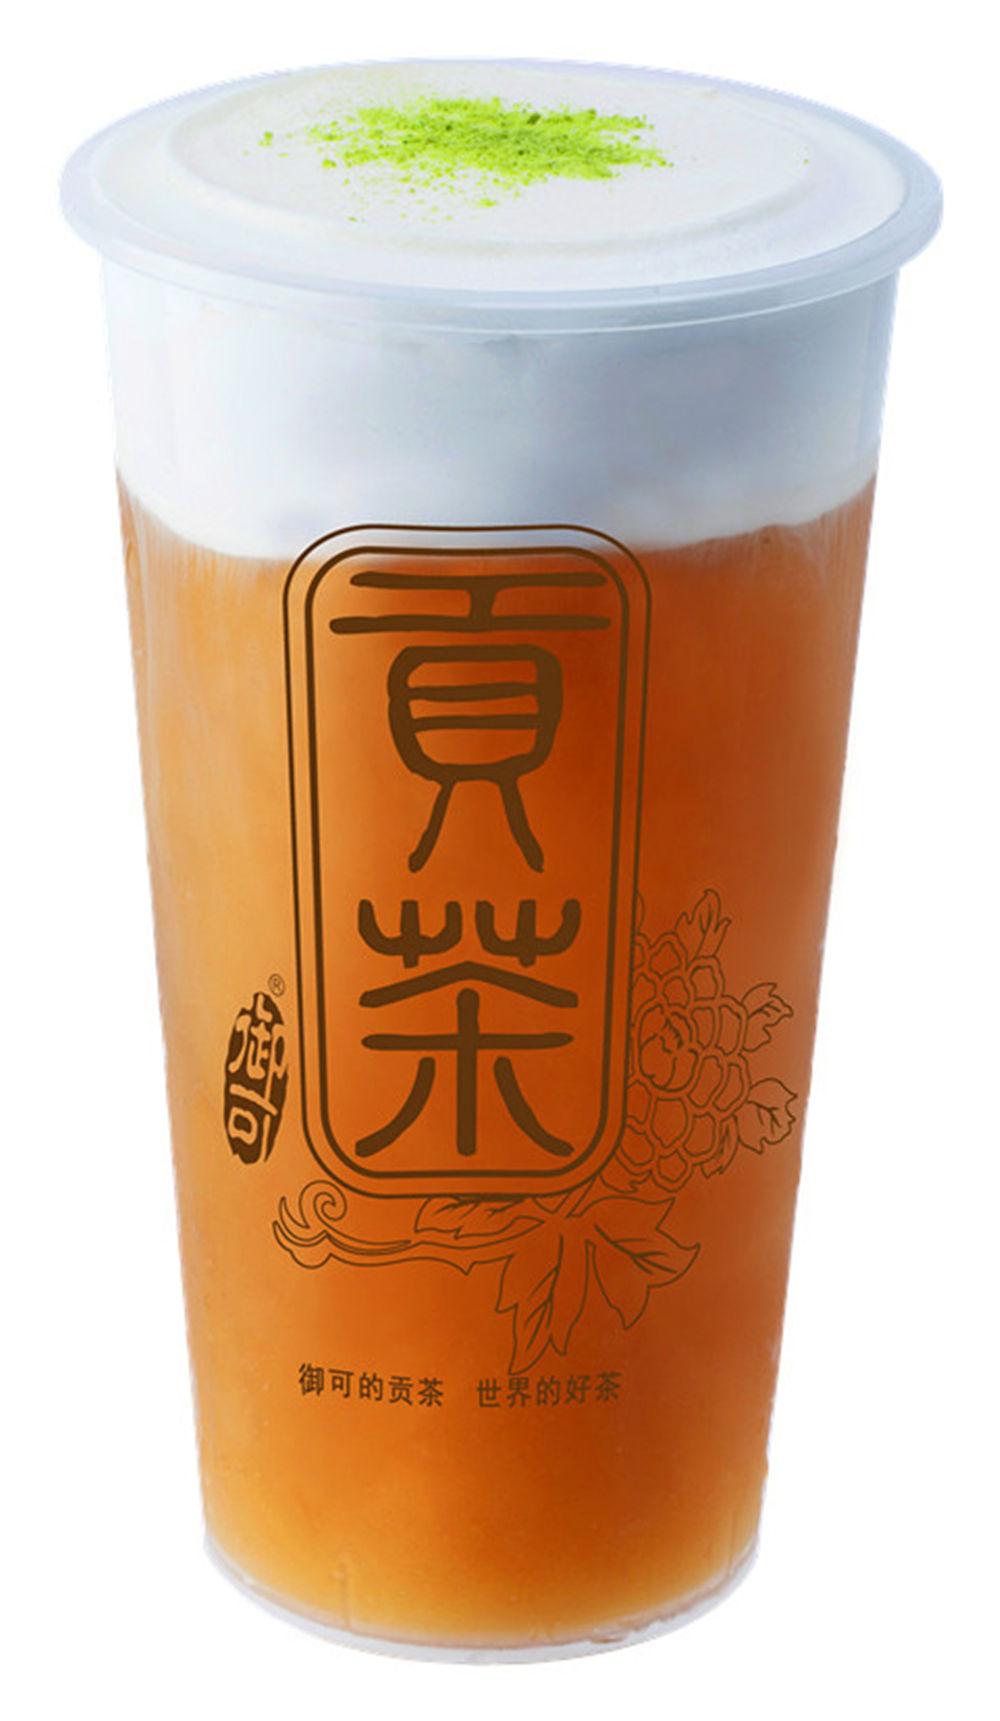 【招牌奶盖茶】原味奶盖茶